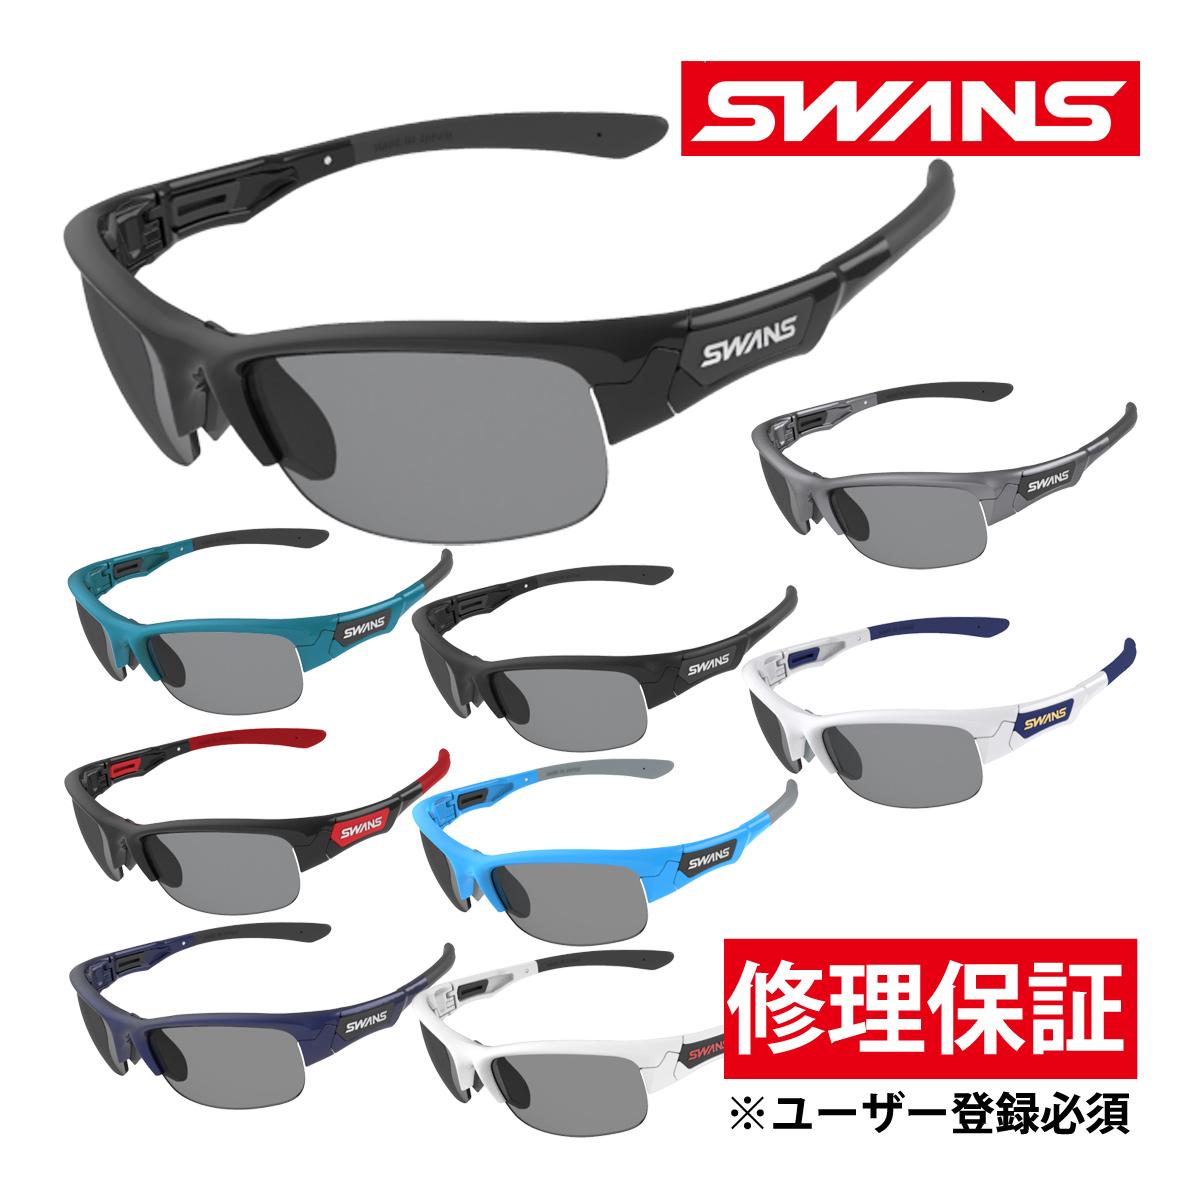 サングラス スポーツ スモークレンズ ゴルフ ドライブ メンズ レディース SPRINGBOK フレーム+L-SPB-0001 SMK カラーレンズ おすすめ 人気 SWANS スワンズ